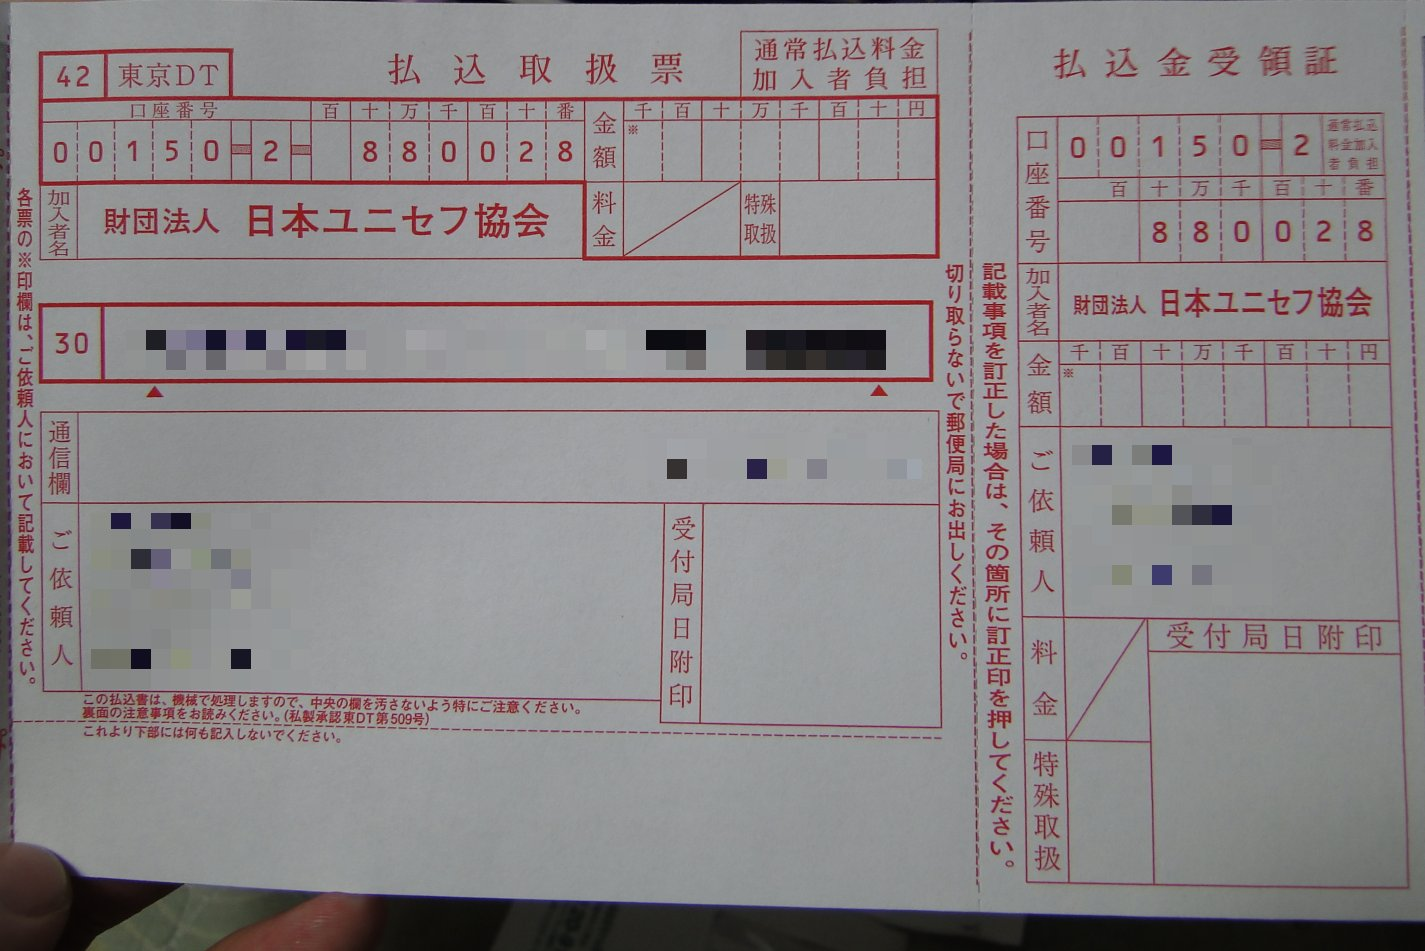 左に同じく日本ユニセフ協会Web公開情報と一致